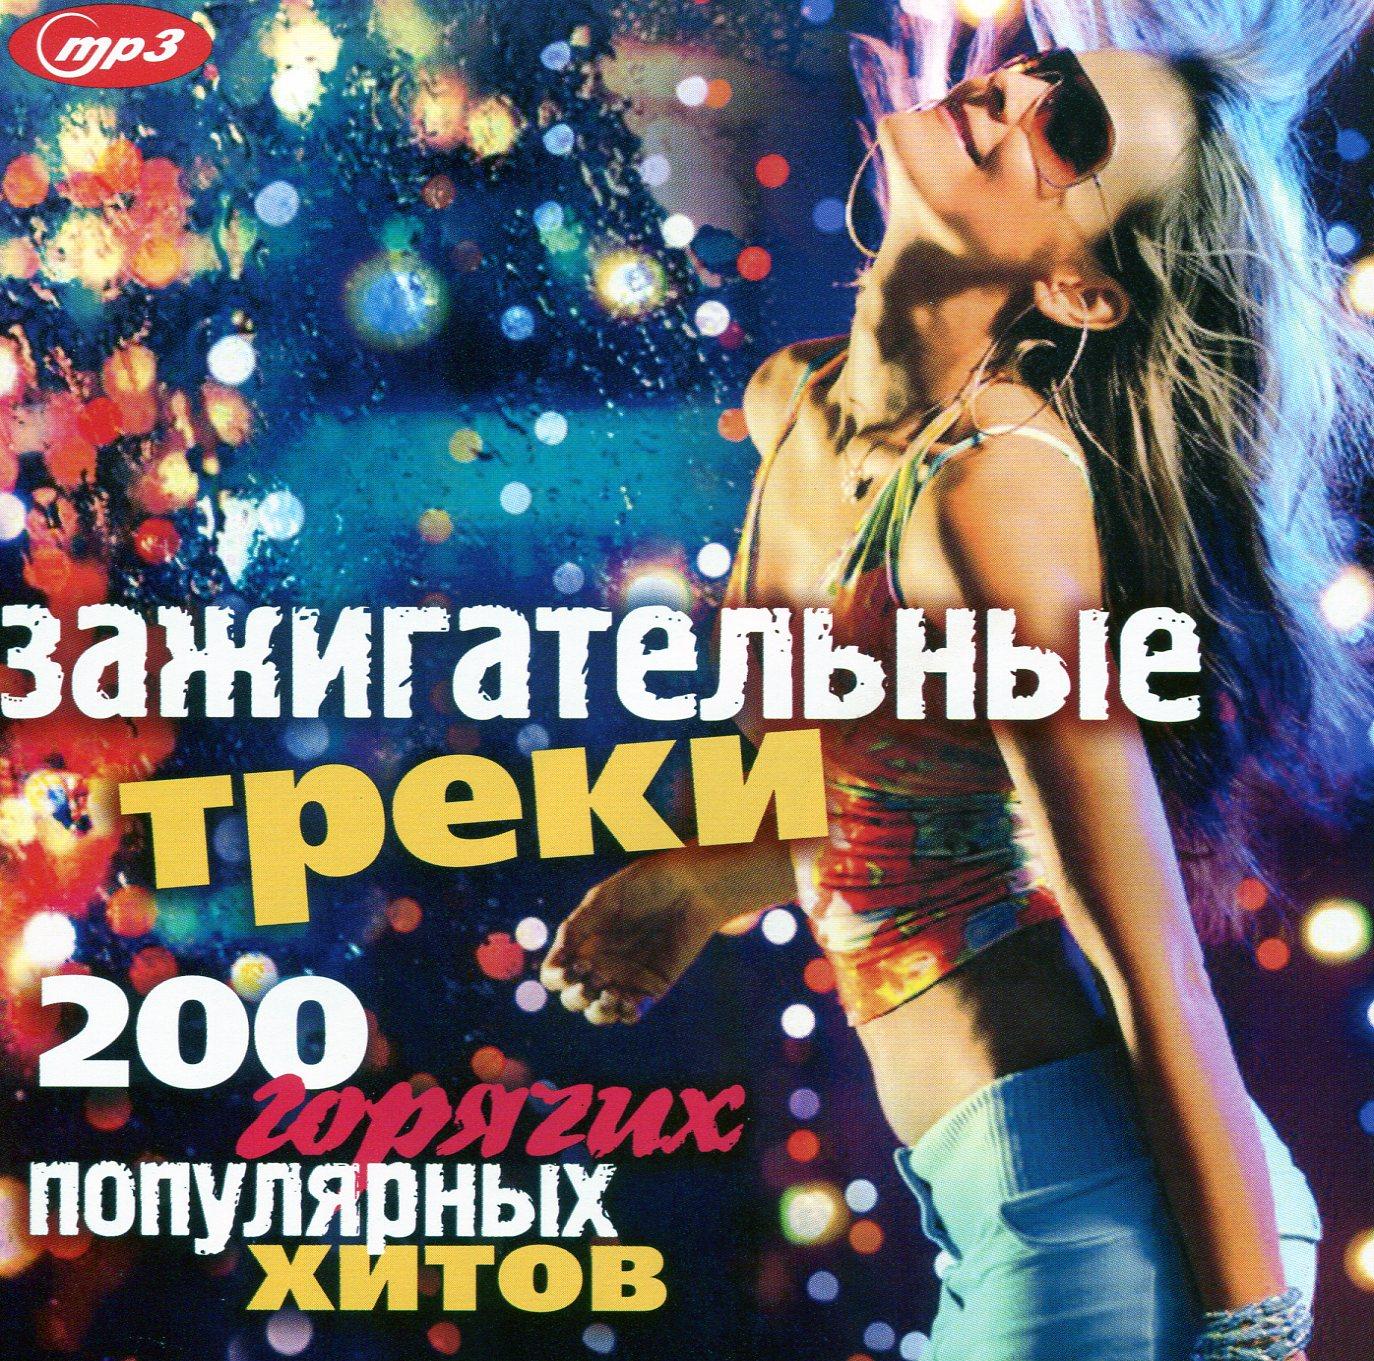 ЗАЖИГАТЕЛЬНЫЕ ТРЕКИ - 200 горячих популярных хитов [mp3]